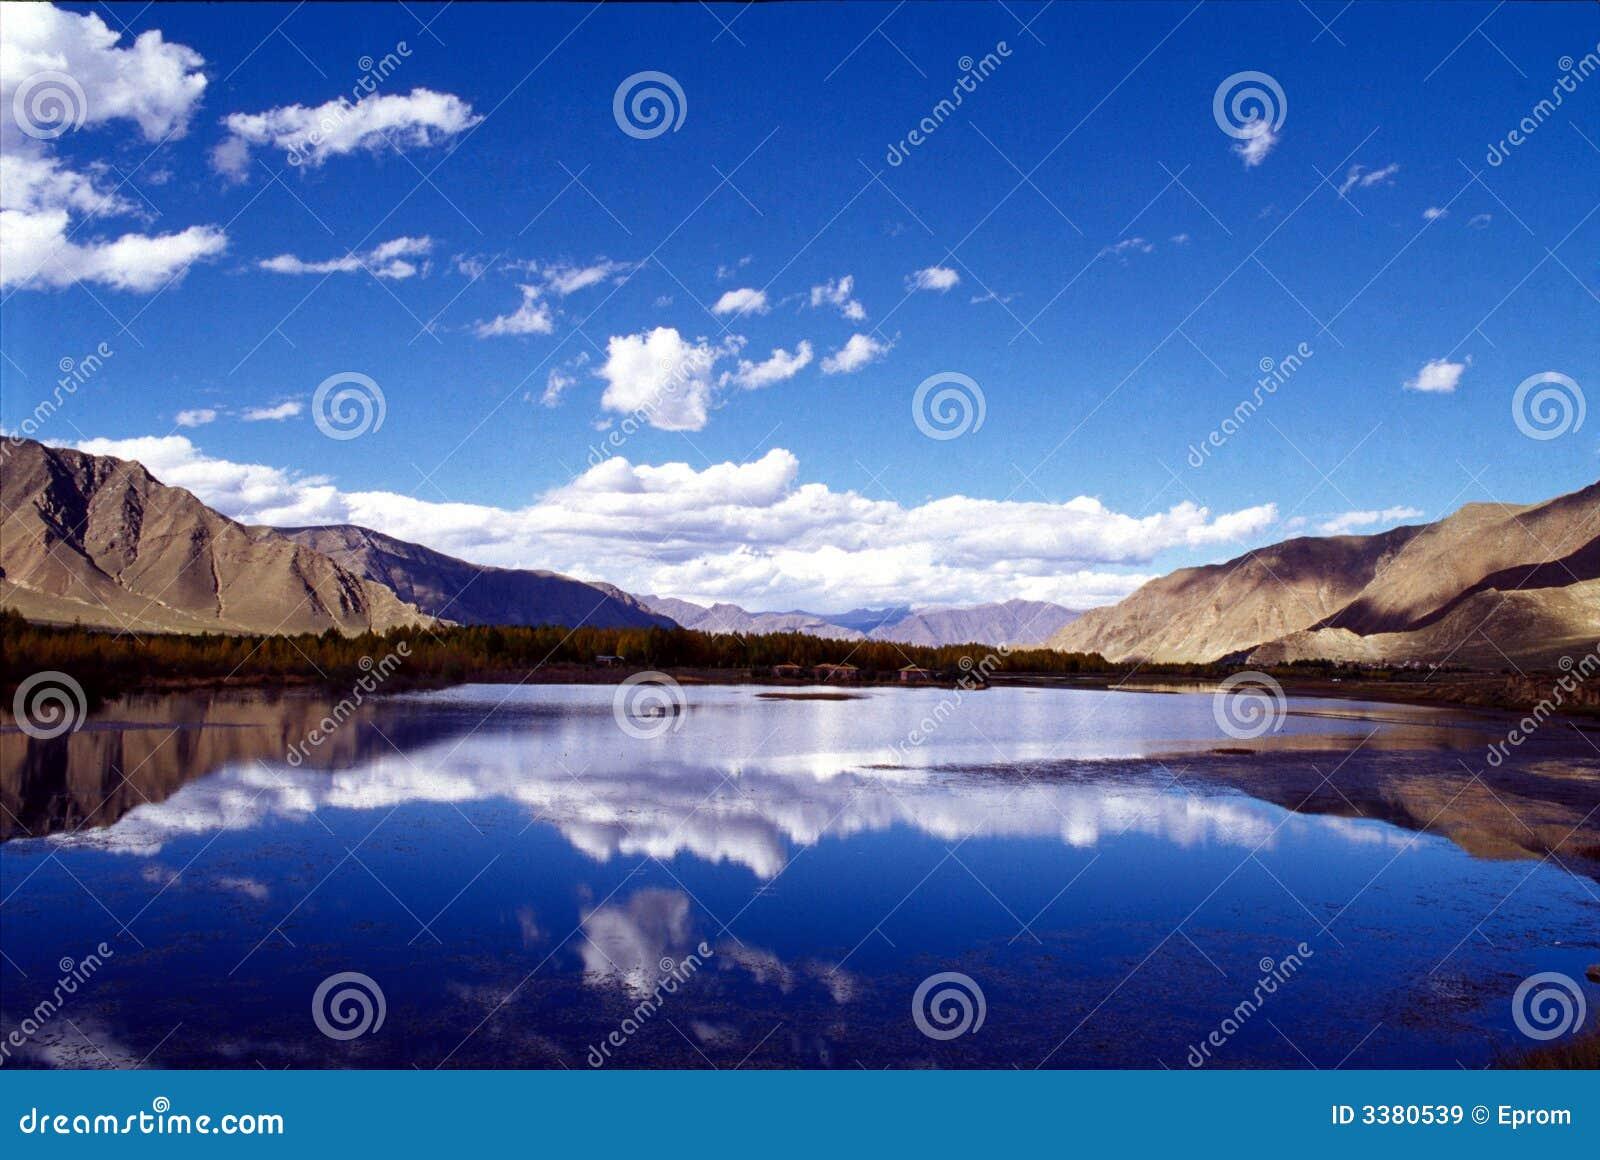 Lago do céu